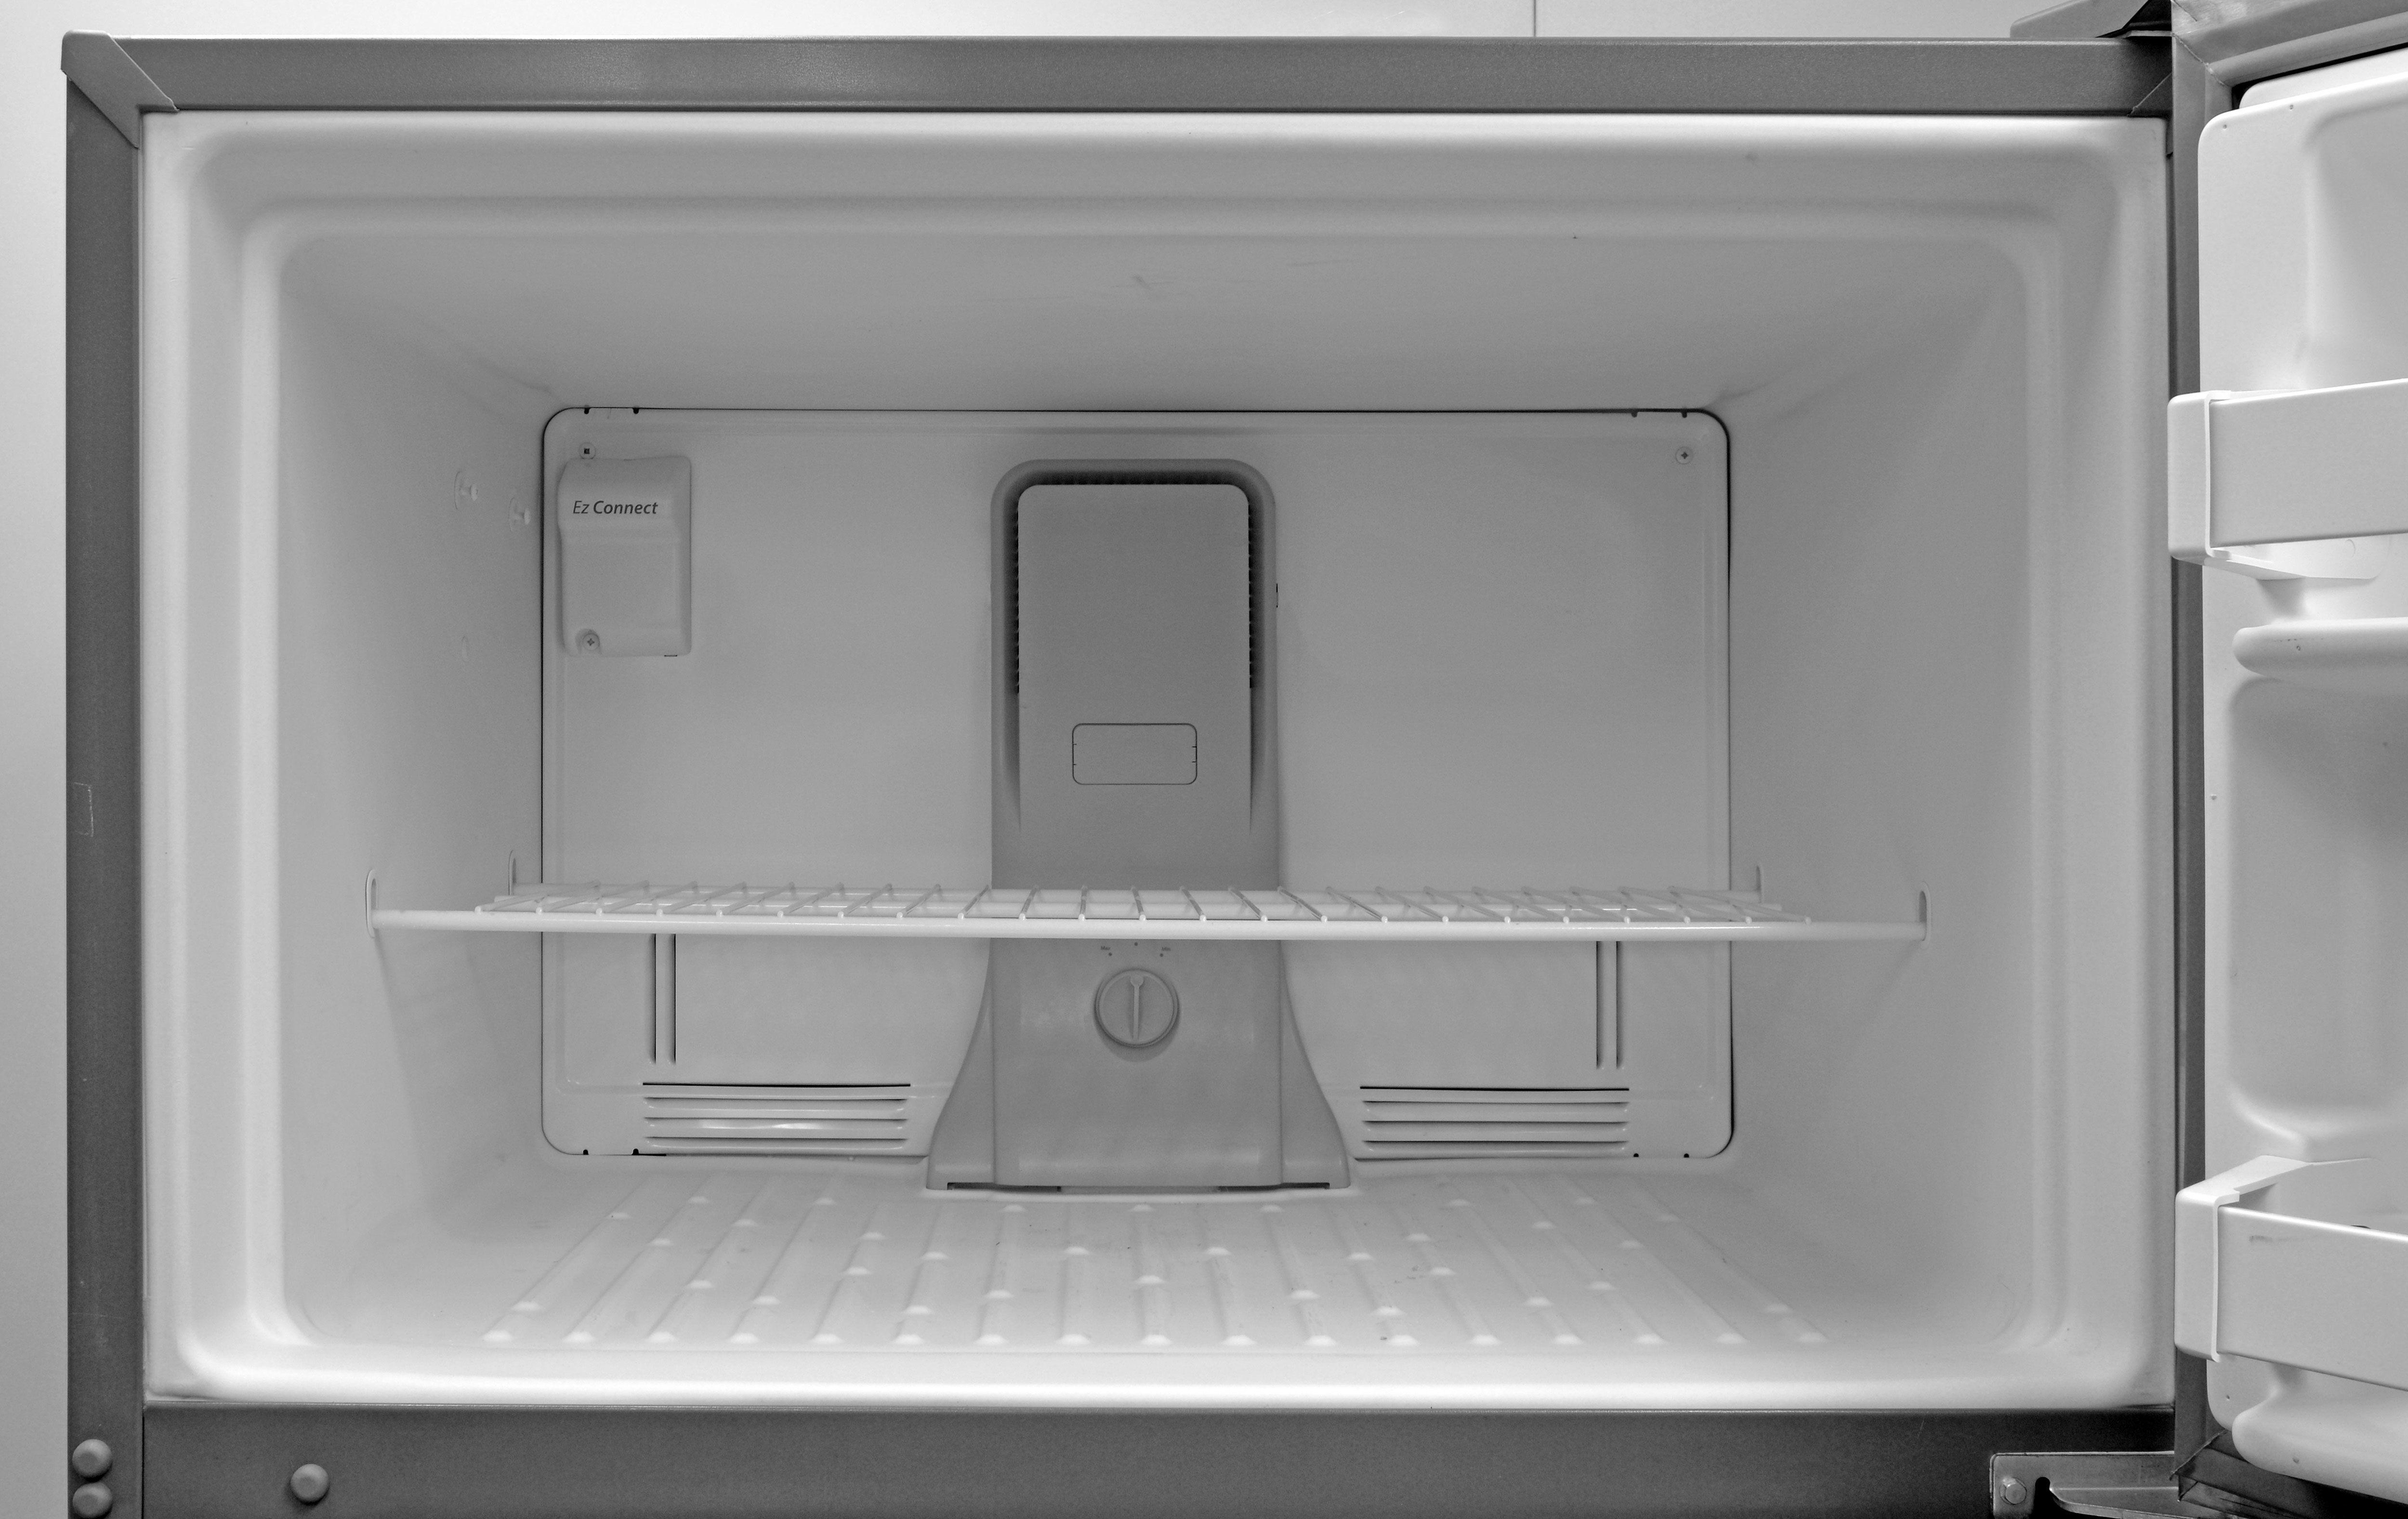 Whirlpool WRT311FZDM Refrigerator Review - Reviewed.com Refrigerators